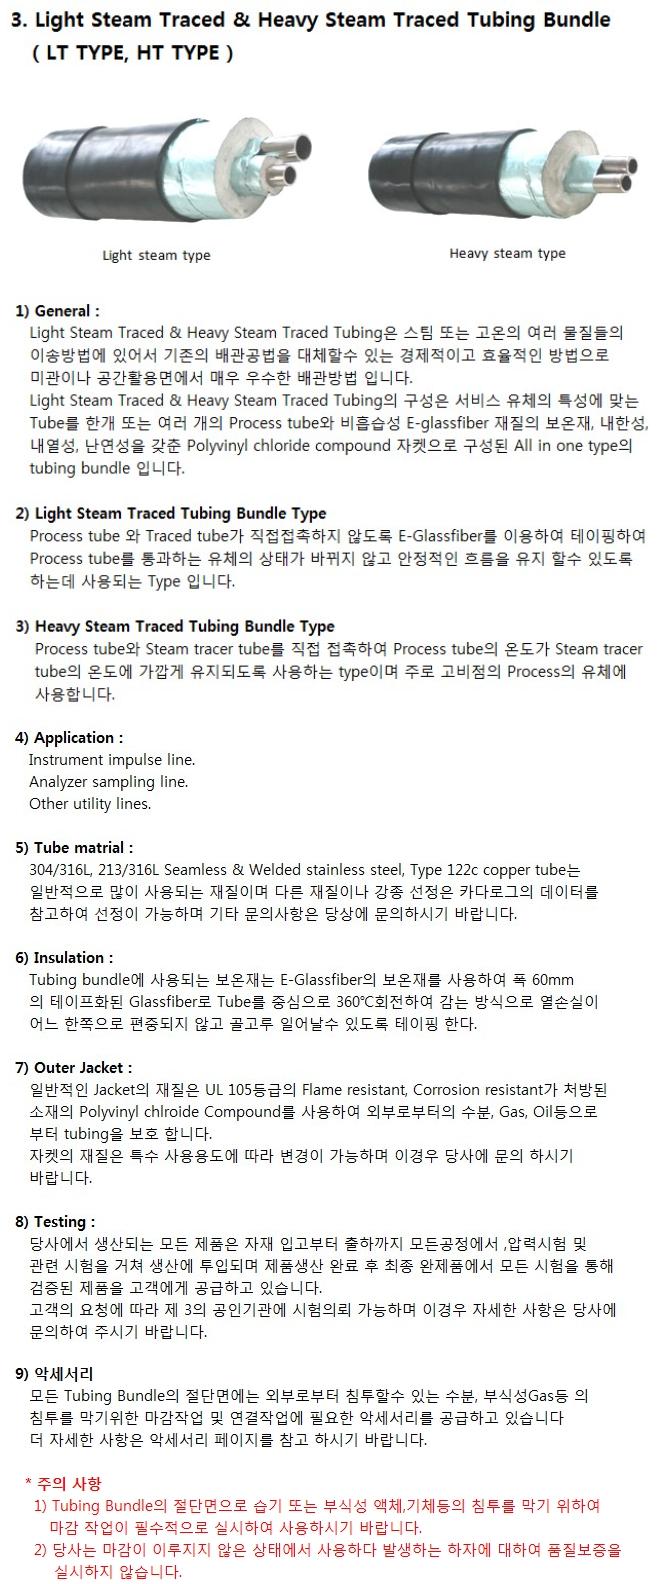 고려측기(주) Light Steam Traced & Heavy Steam Traced Tubing Bundle LT/HT Type 5